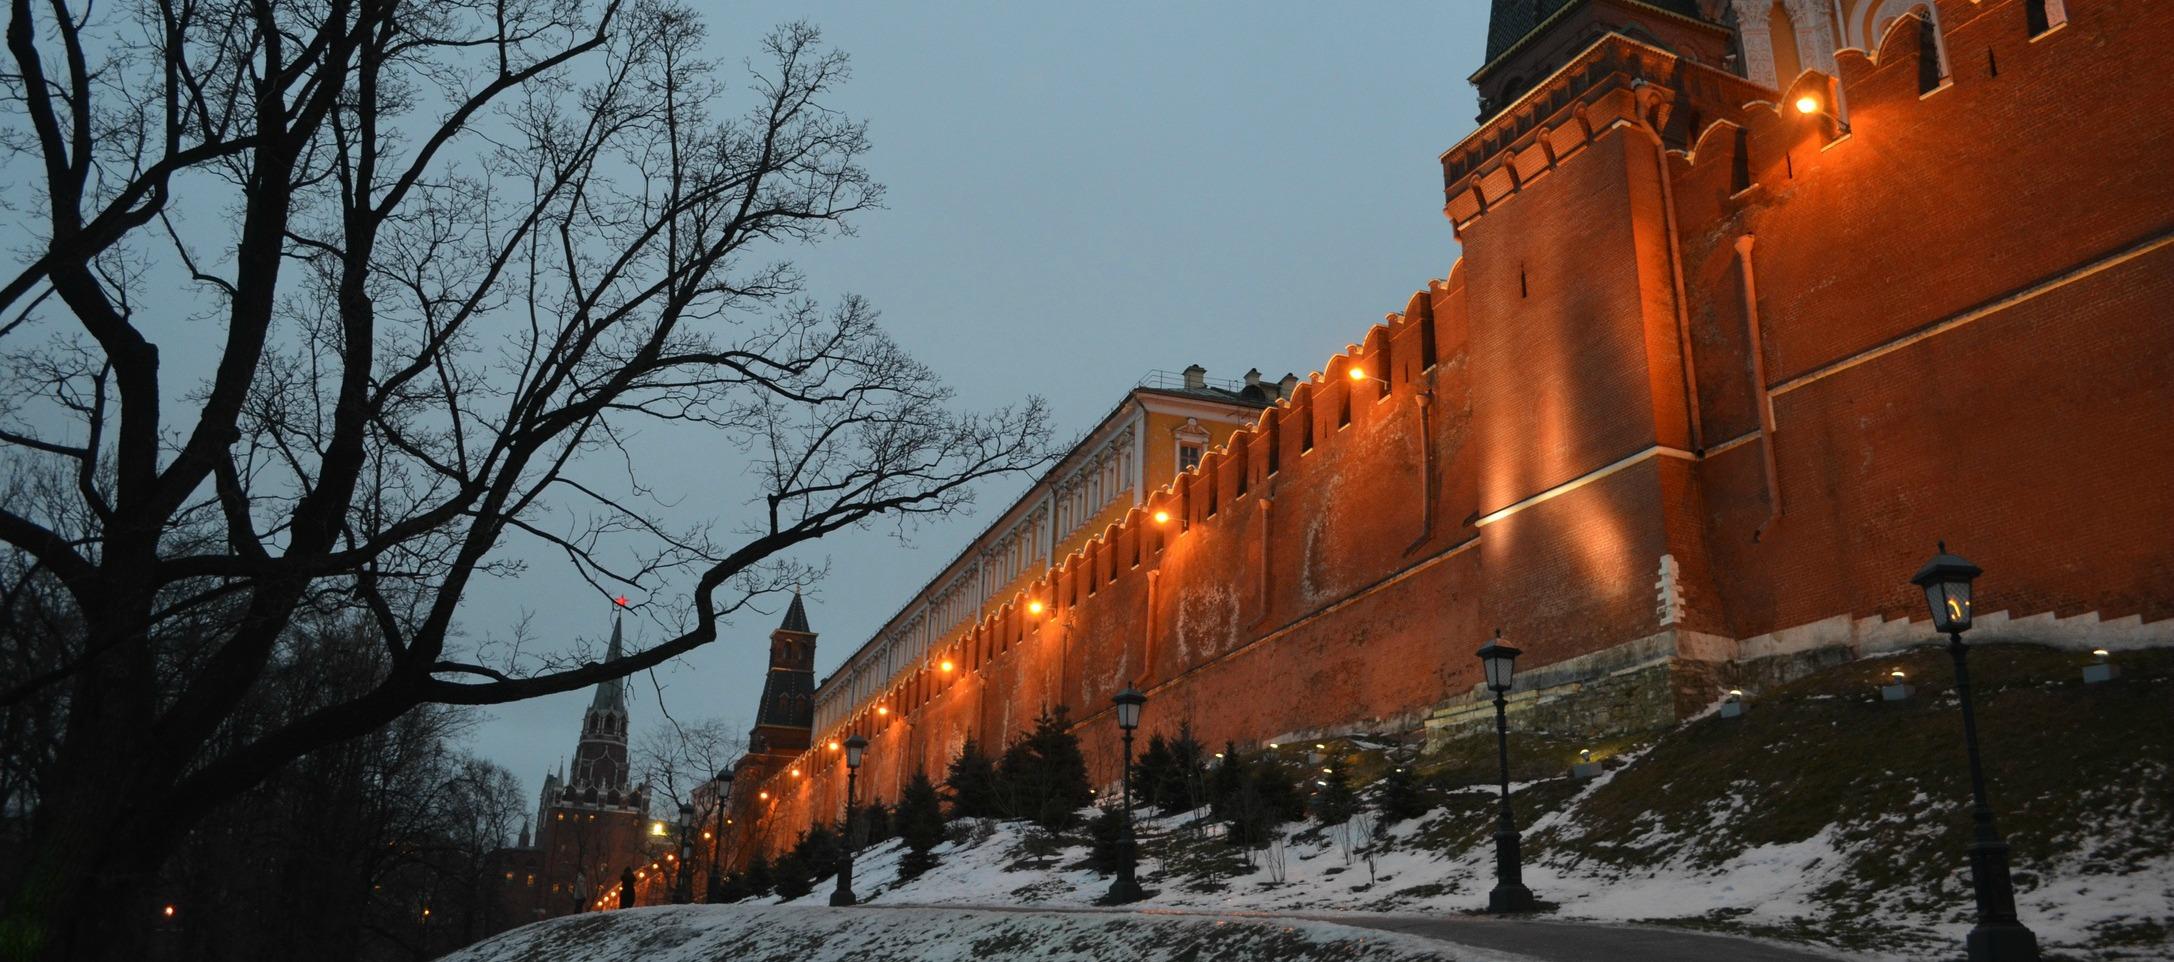 snow-winter-night-morning-wall-dusk-7270